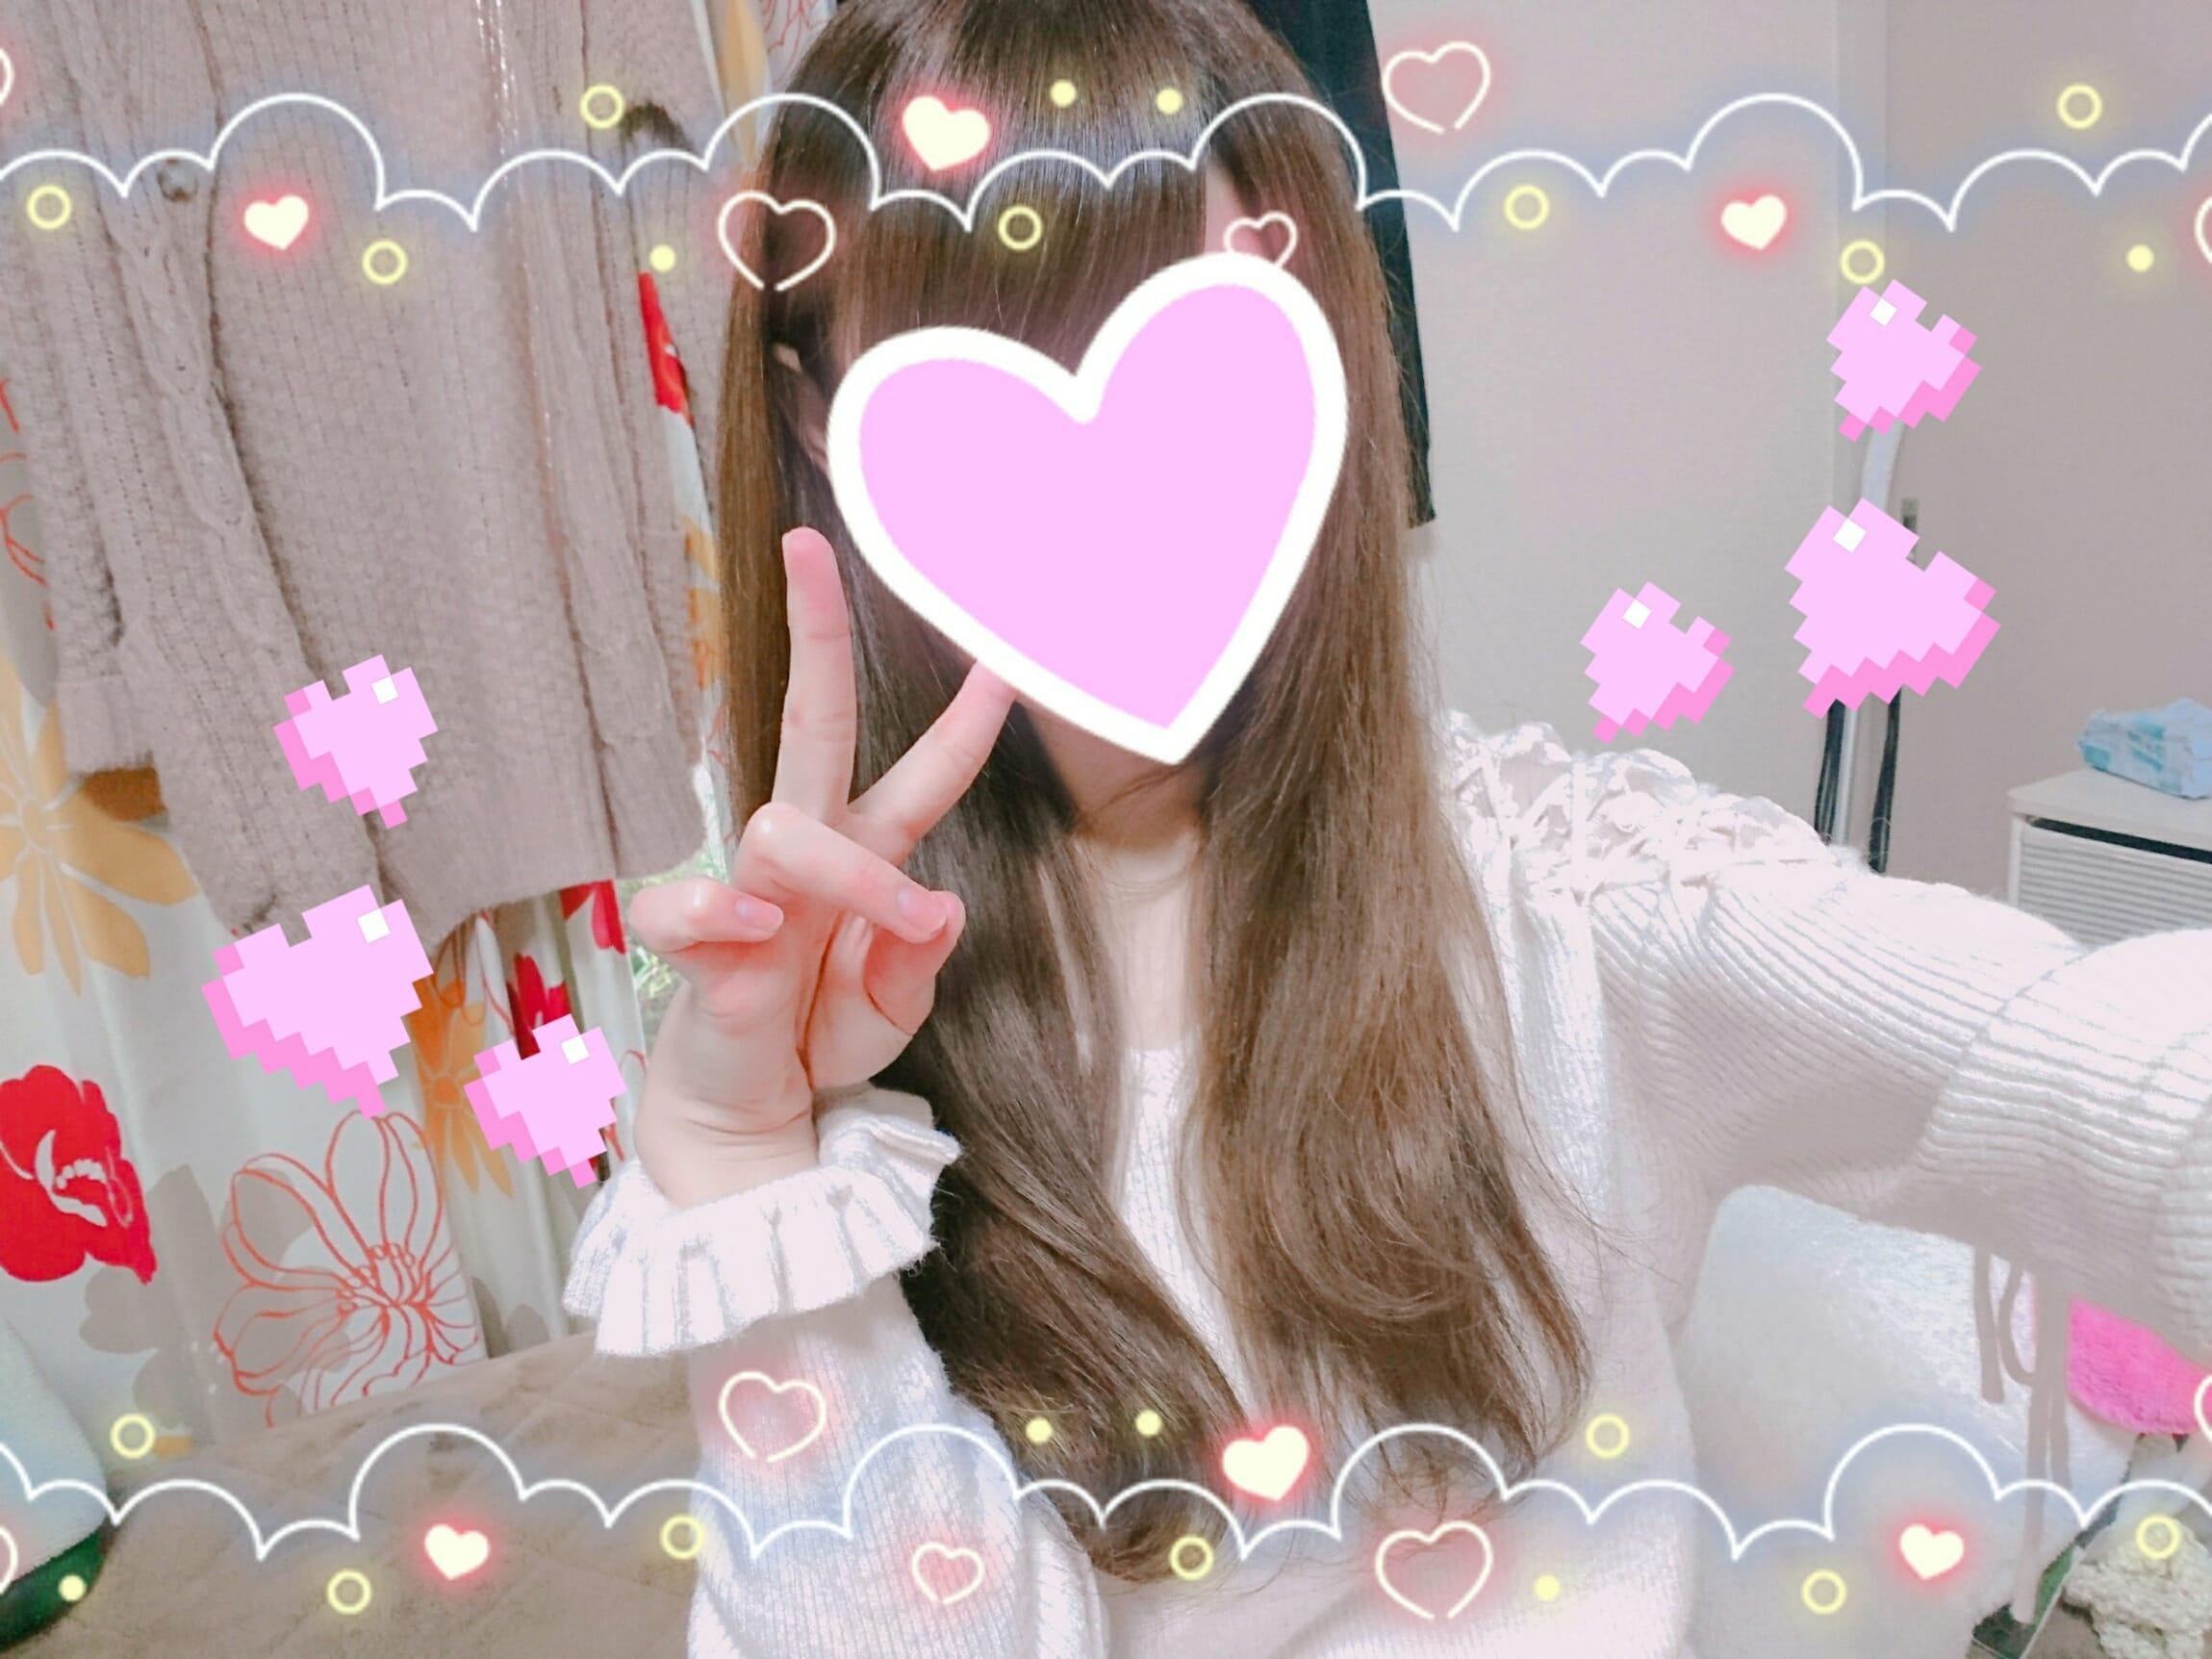 「結露♪」03/20(火) 09:41 | あすかの写メ・風俗動画